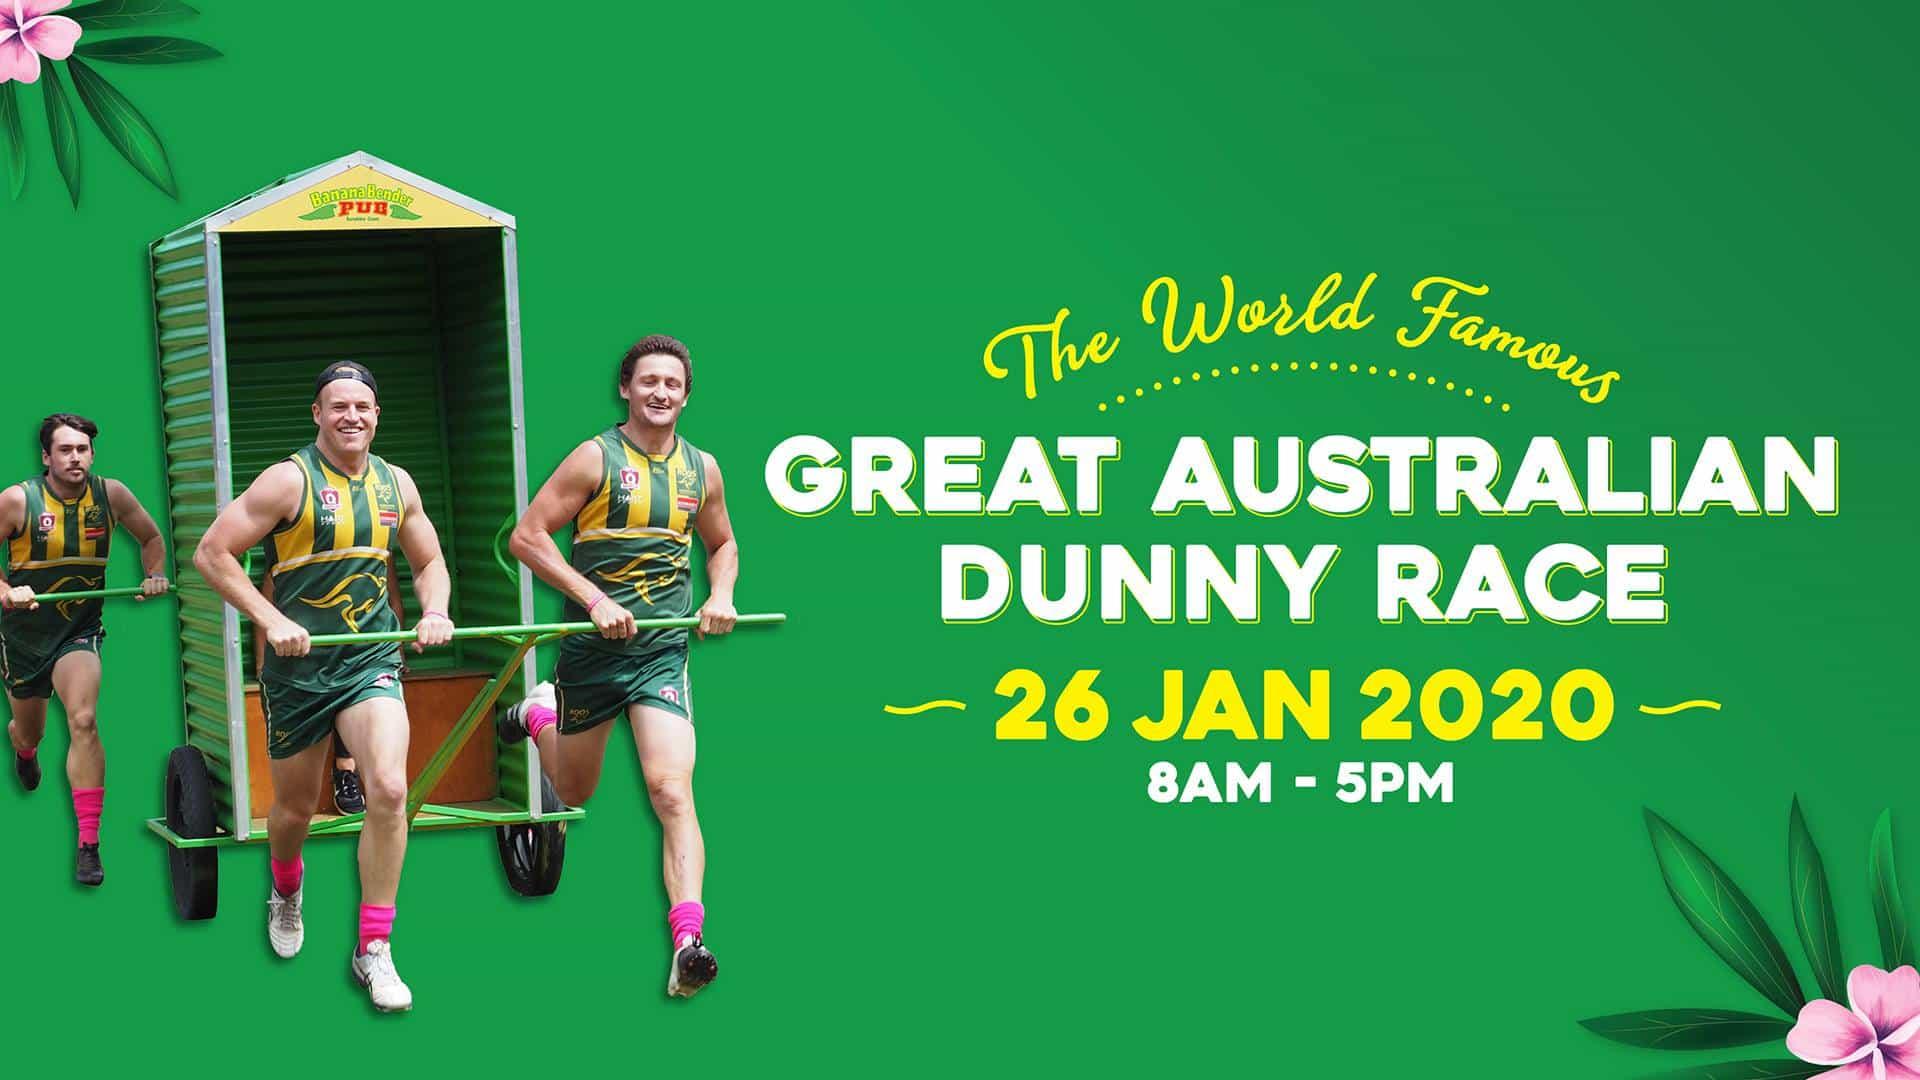 Great Australian Dunny Race